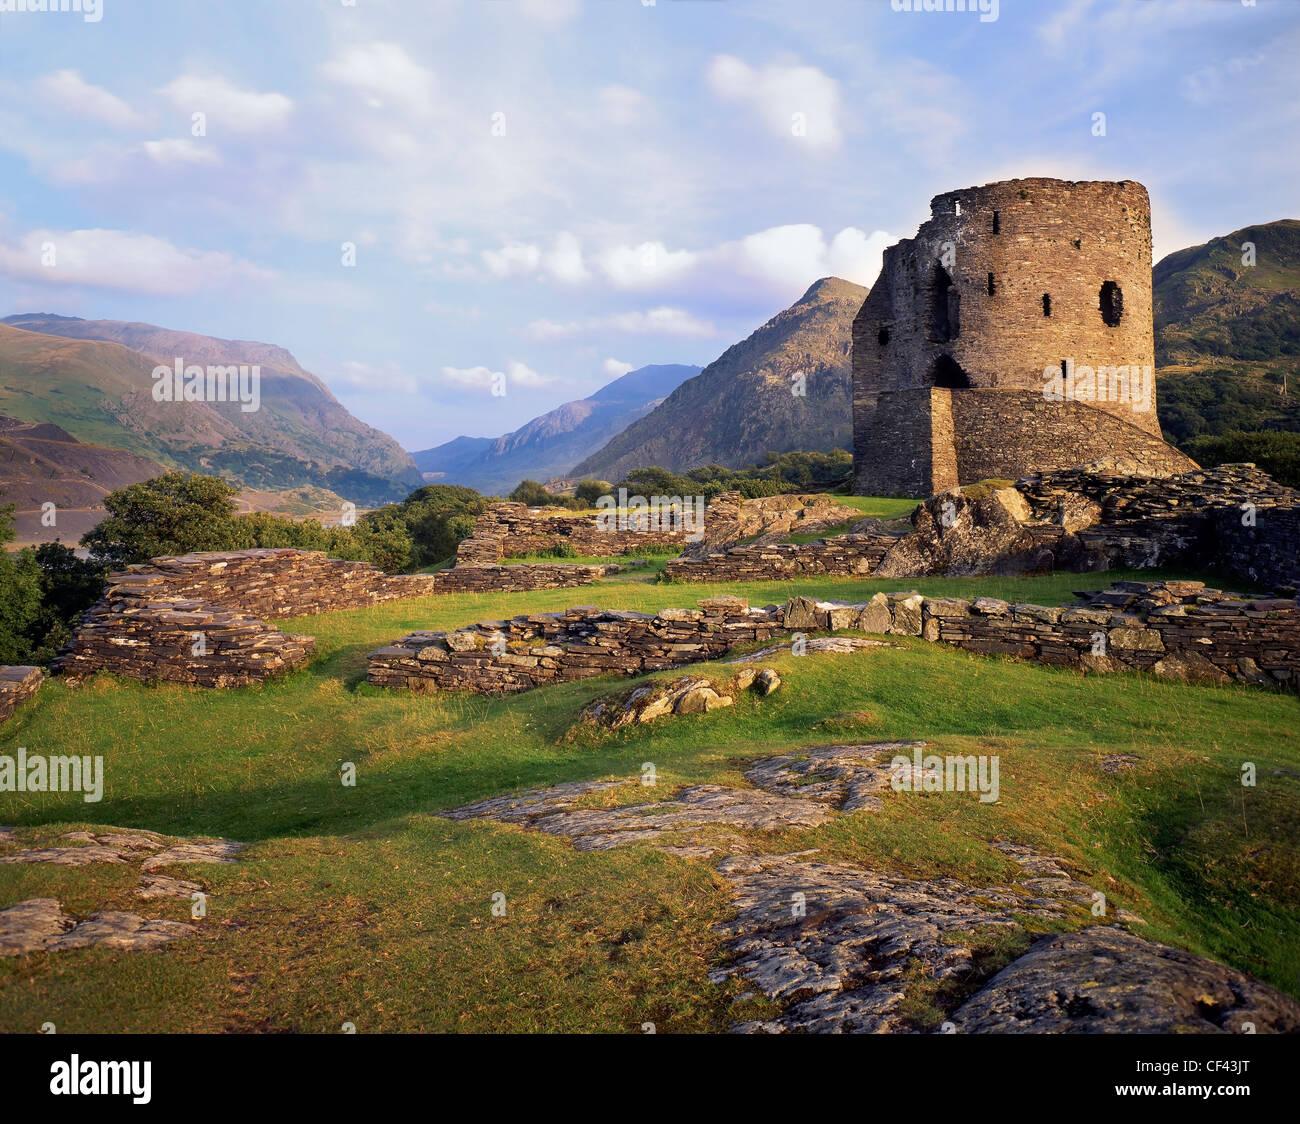 Las ruinas del Castillo de Dolbadarn, construido por los príncipes de Gwynedd en el siglo XIII, al pie del Snowdon. Foto de stock